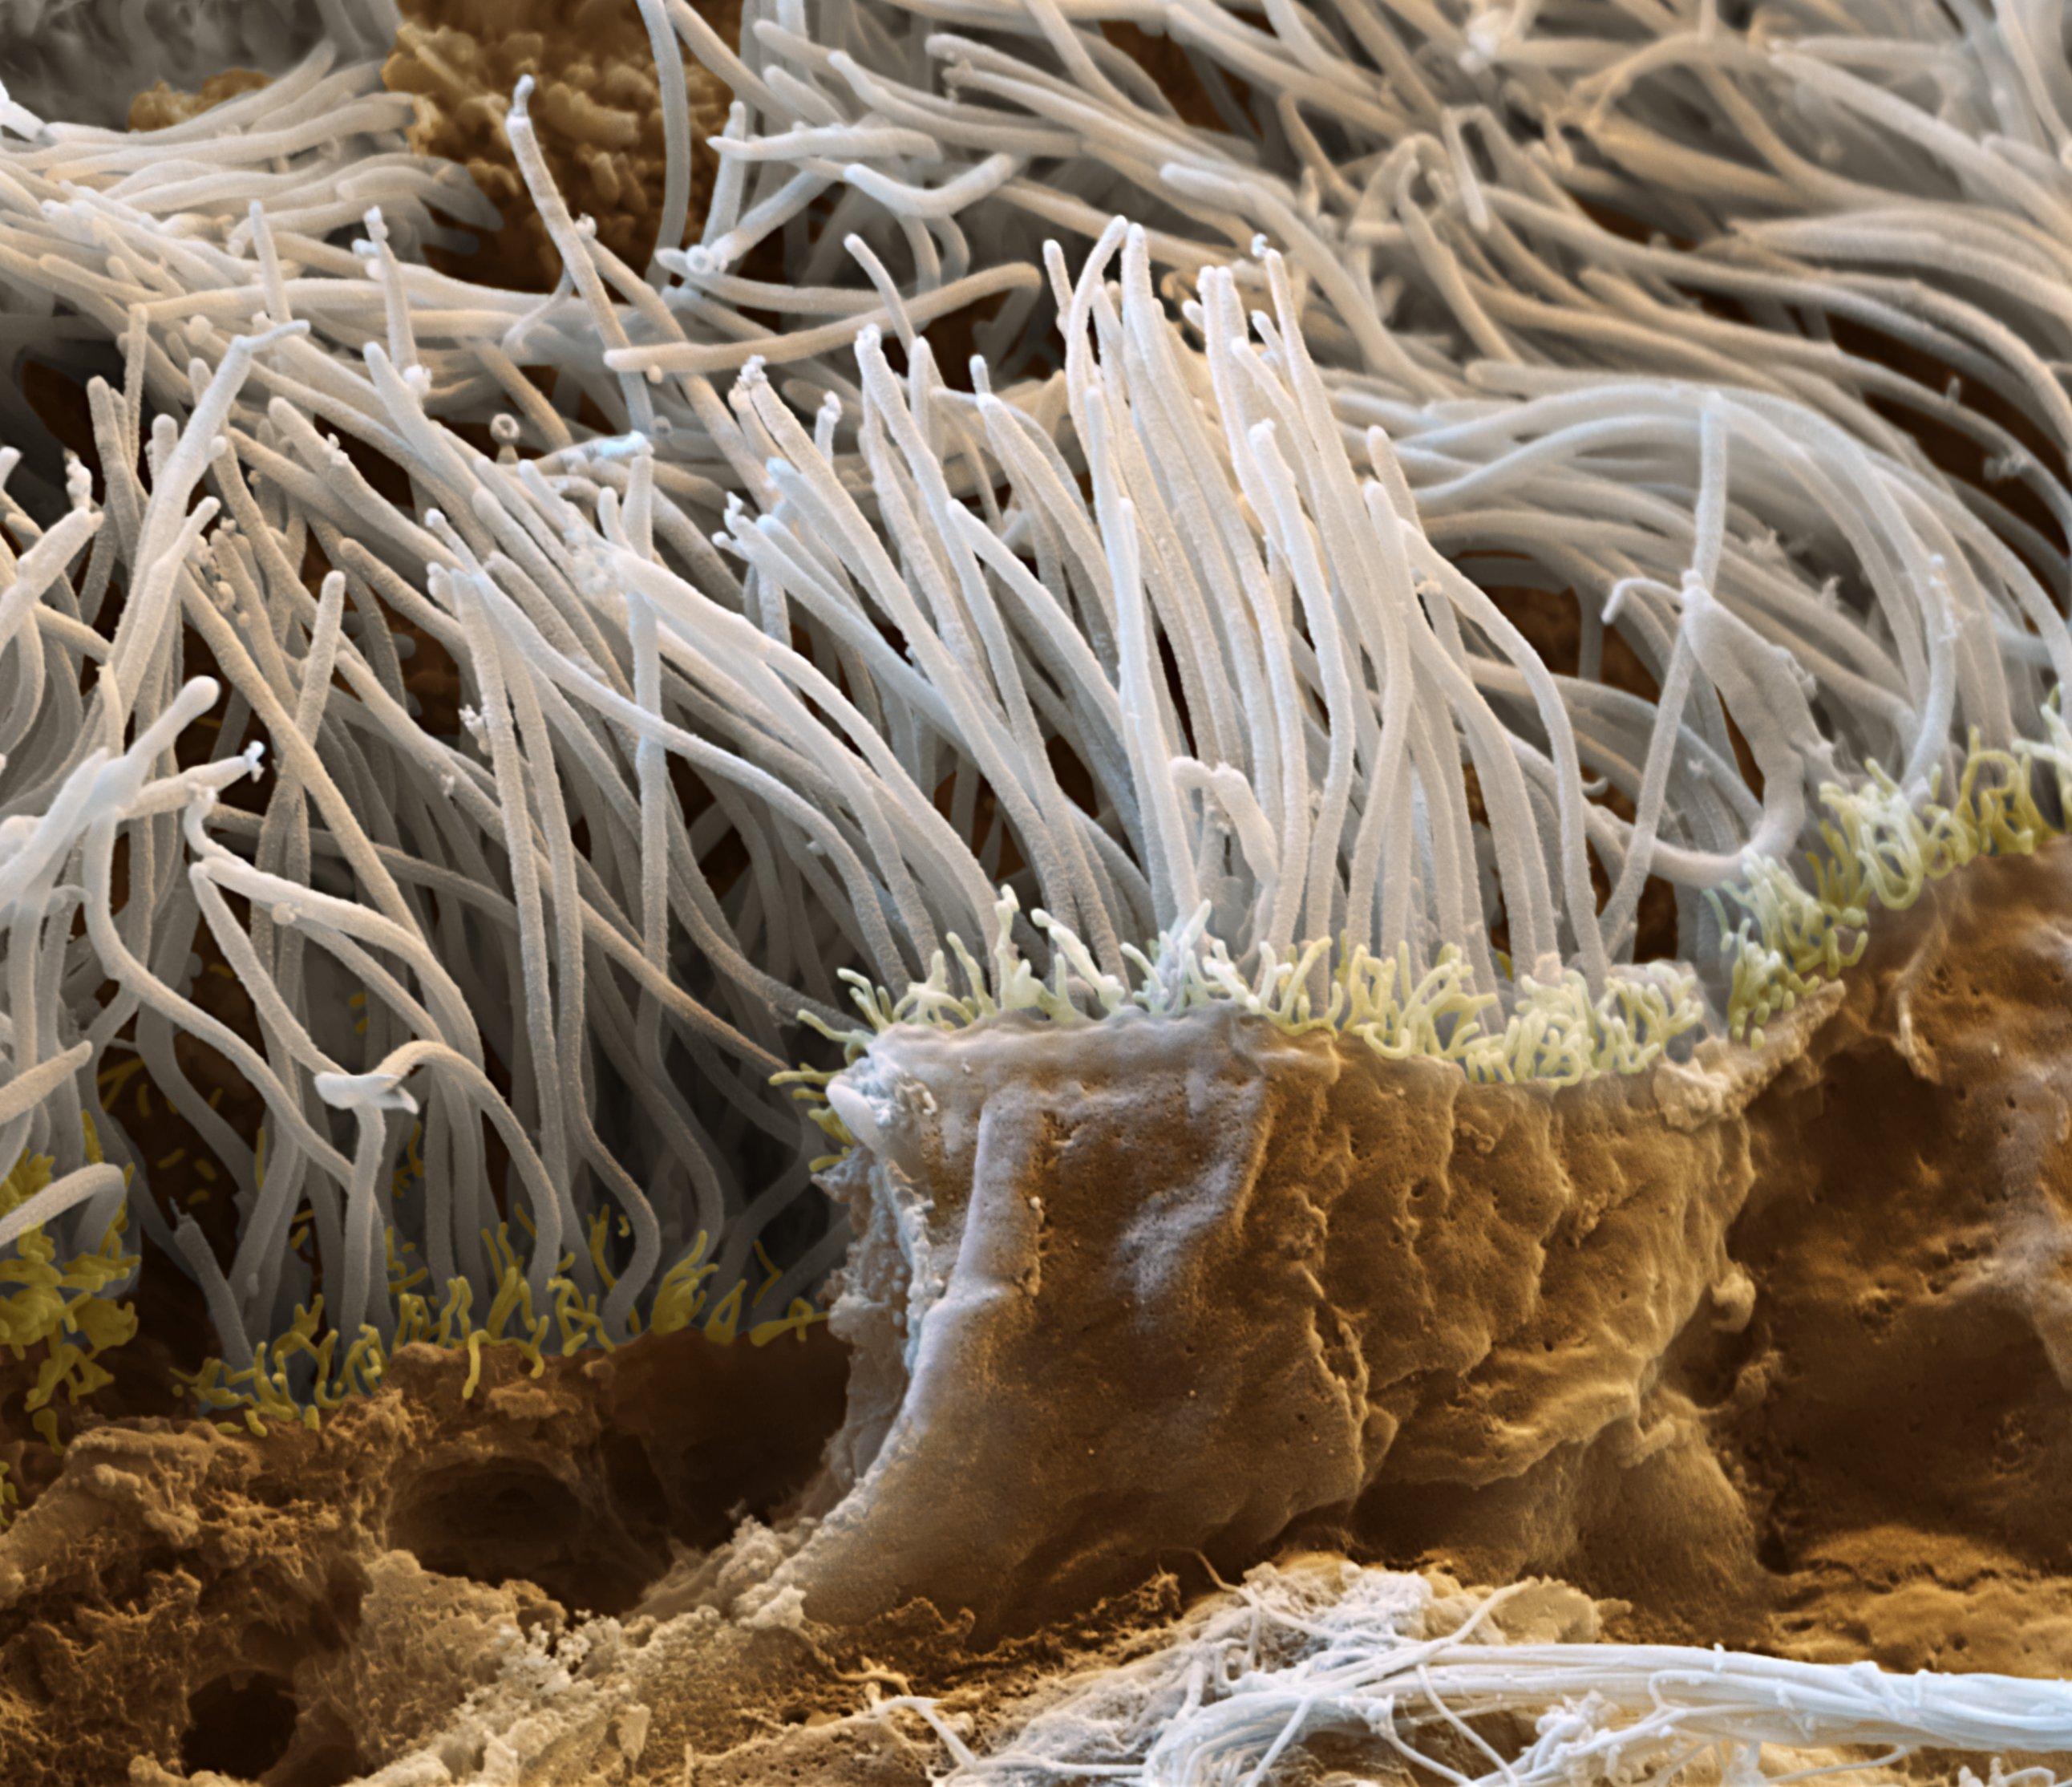 Das Bild zeigt einen Bruch durch das Gewebe der Flimmerepithelien der Lunge (Tunica mucosa). Diese Flimmerepithelien kleiden die gesamten Bronchien der Lunge aus. Die Cilien dieser Zellen schlagen ständig in Richtung der Luftröhre und transportieren eingeatmete Schmutzpartikel, zusammen mit abgesondertem Schleim, aus der Lunge heraus. (Probe: Schwein) Raster-Elektronenmikroskop, Vergrösserung   12000:1  (bei 15×13cm Bildgrösse)